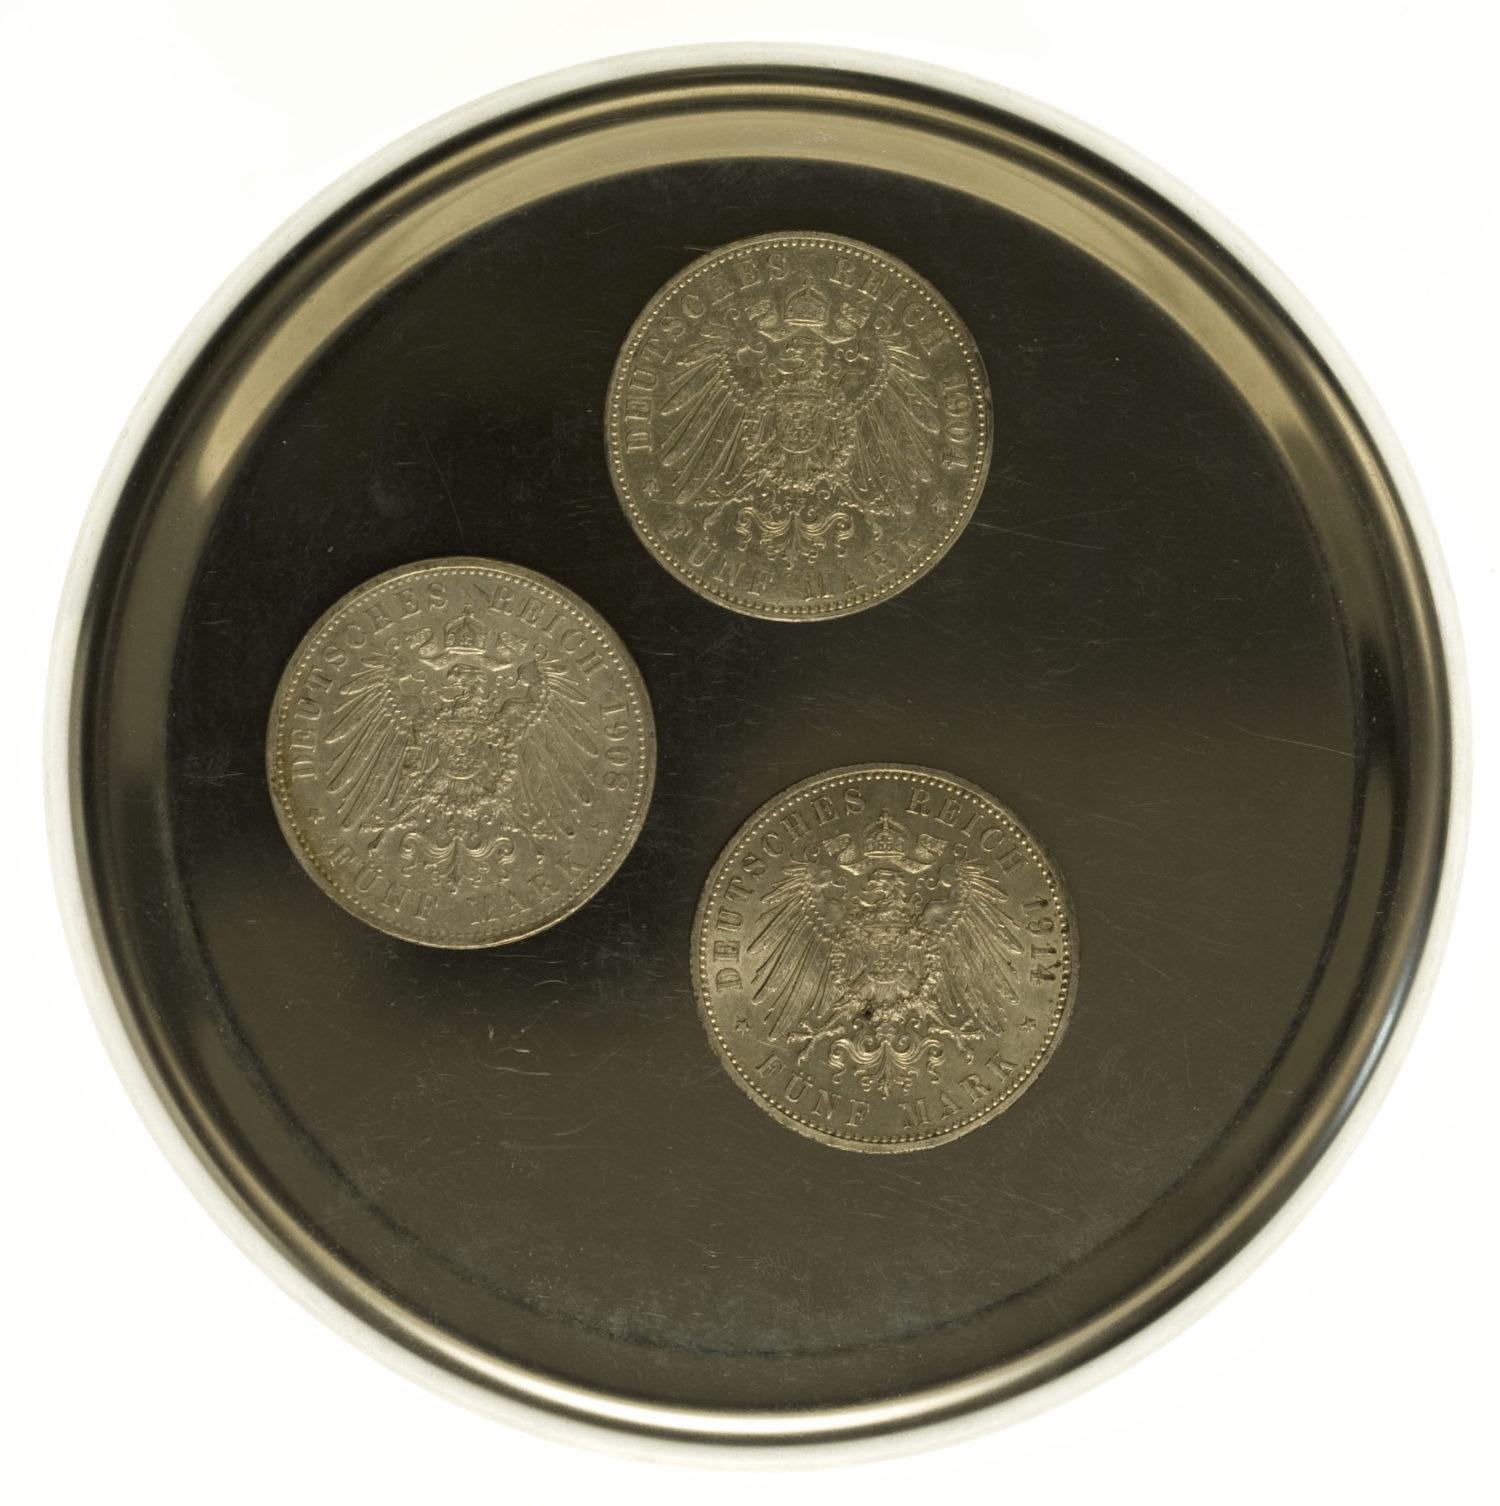 deutsches-kaiserreich-ab-1871-deutsche-silbermuenzen - Deutsches Kaiserreich Lot